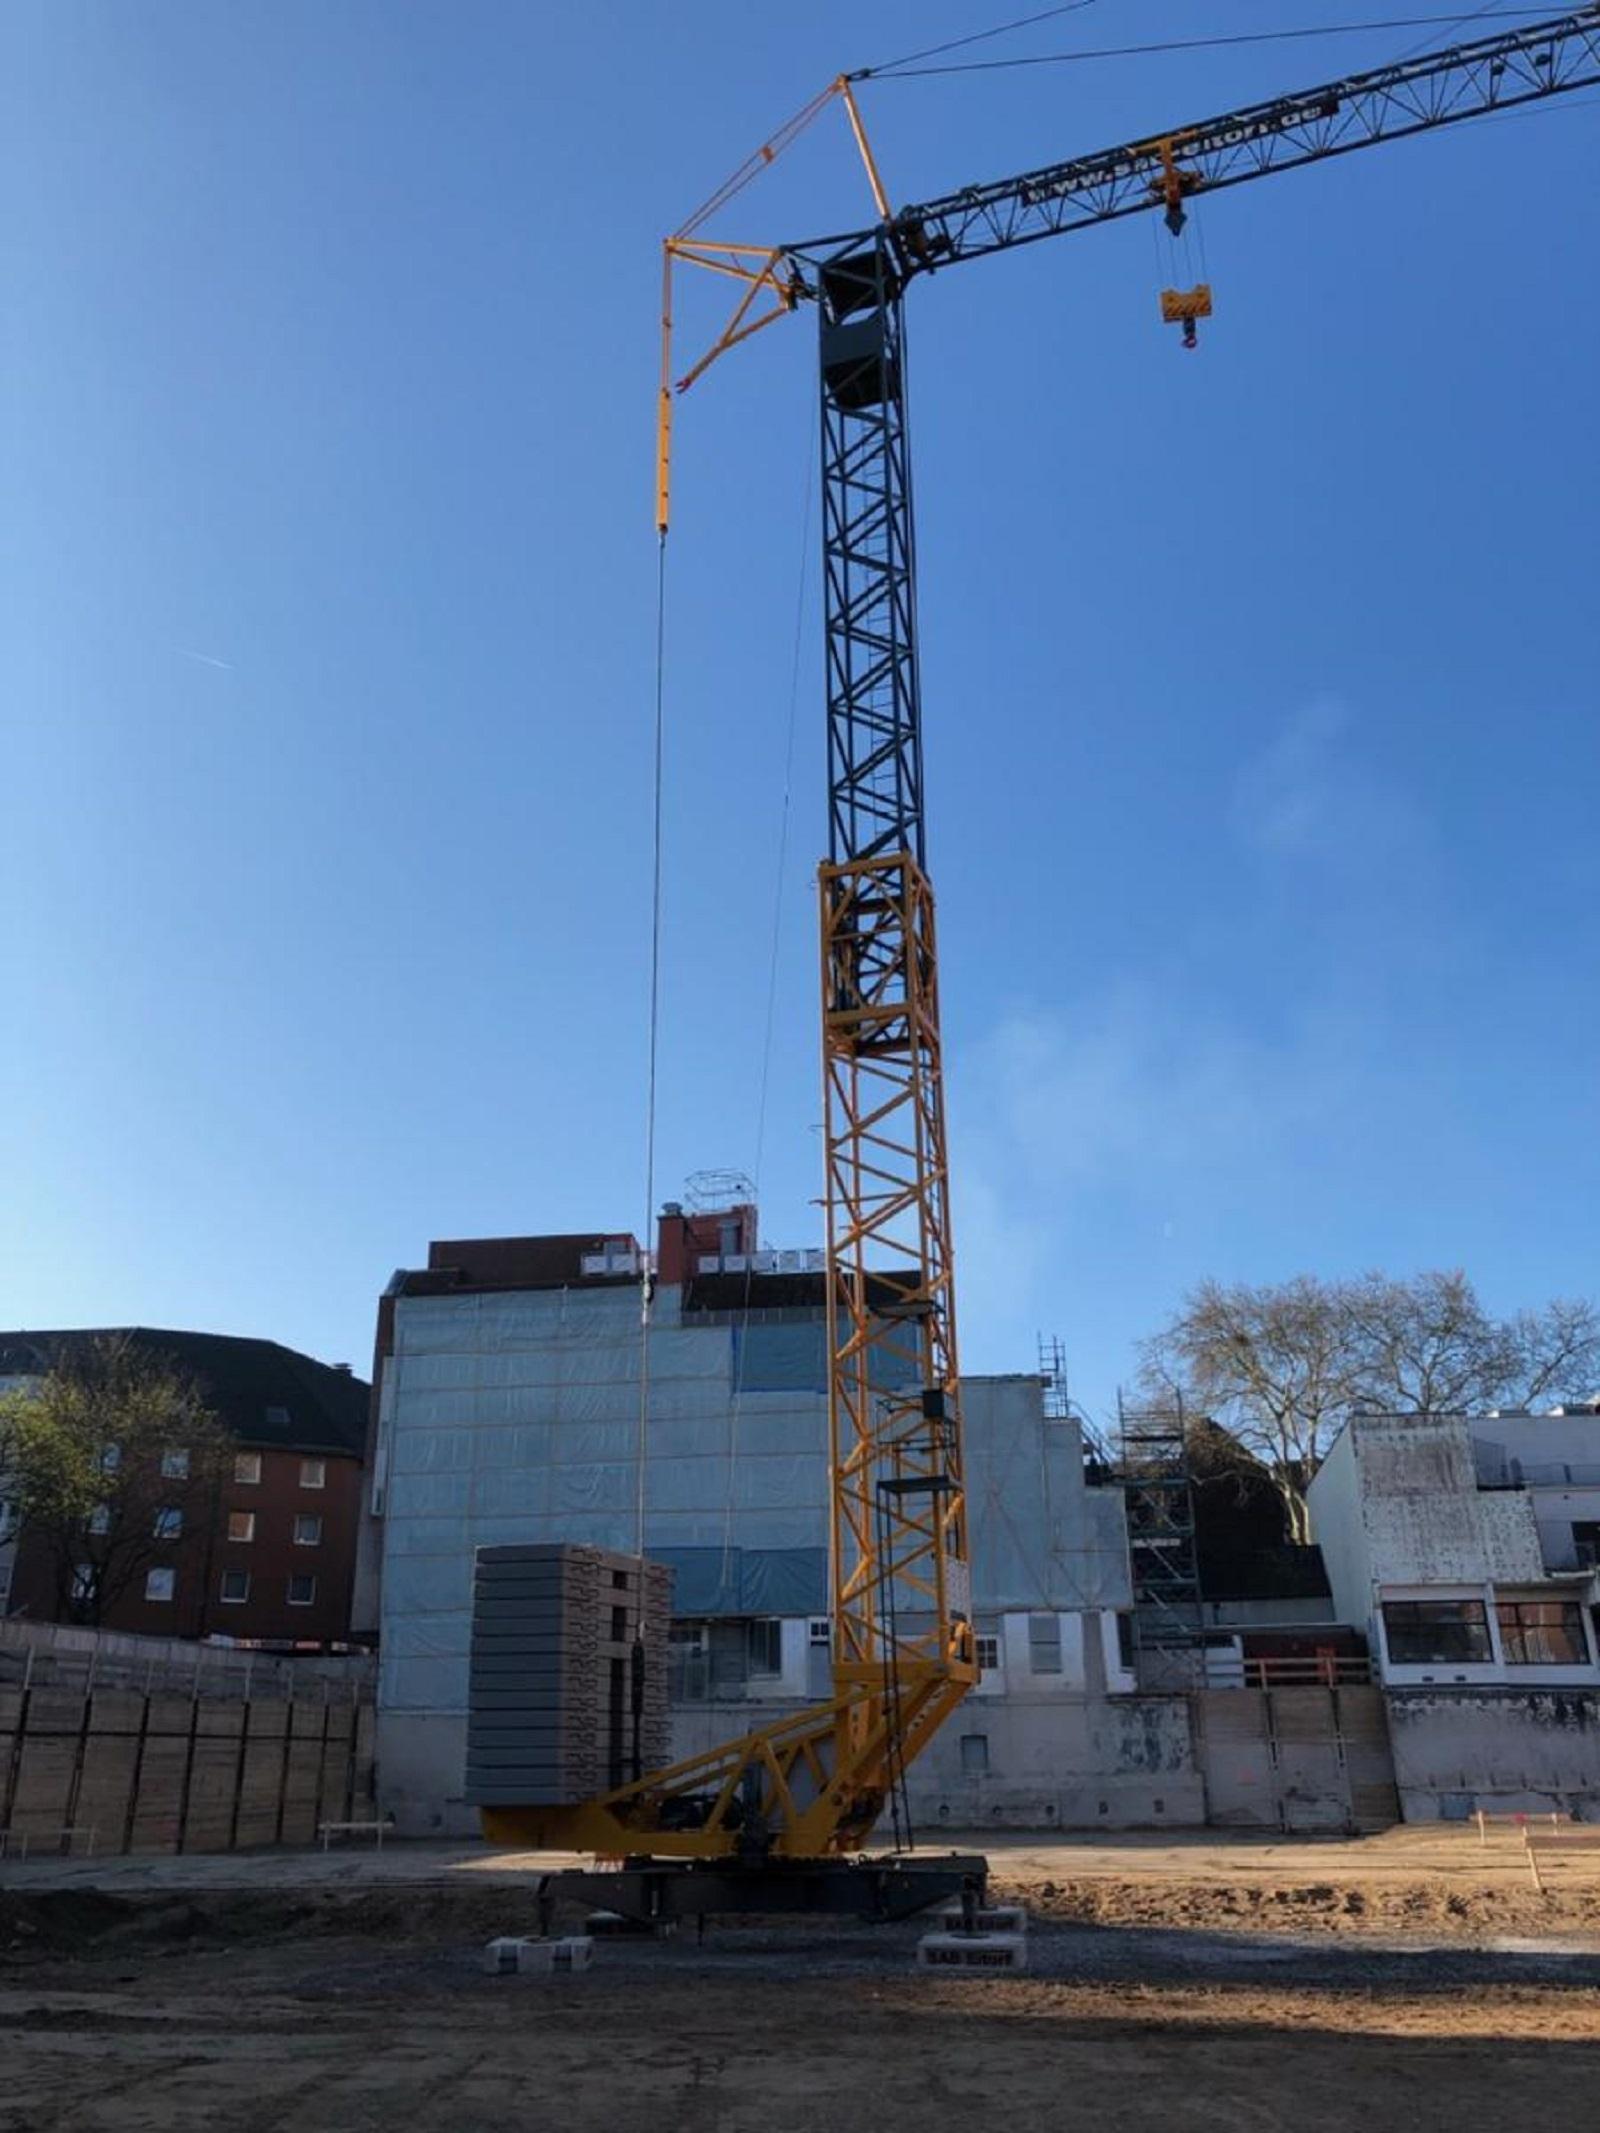 Baubeginn Haus 1: Ein mobiler Kran wurde aufgestellt. © moderne stadt